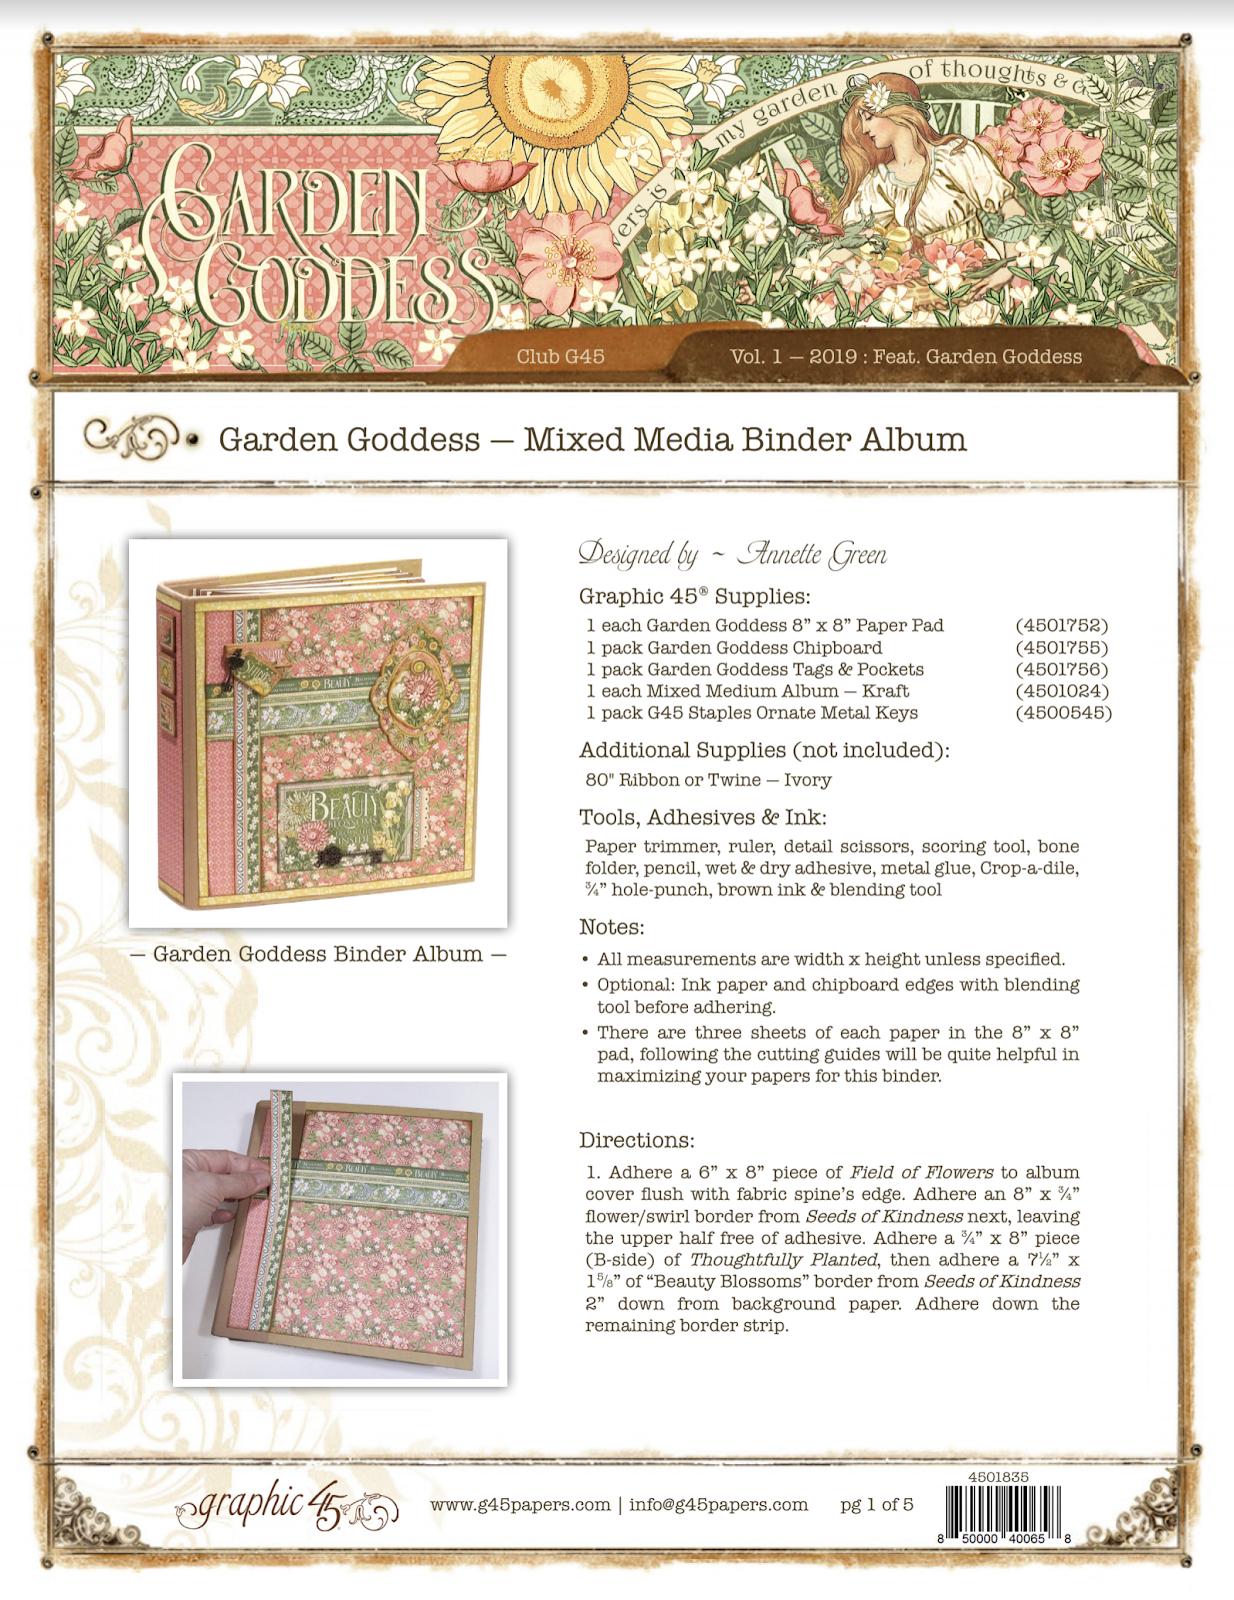 Club G45 2019 - Volume 01 This Garden Goddess binder is specially